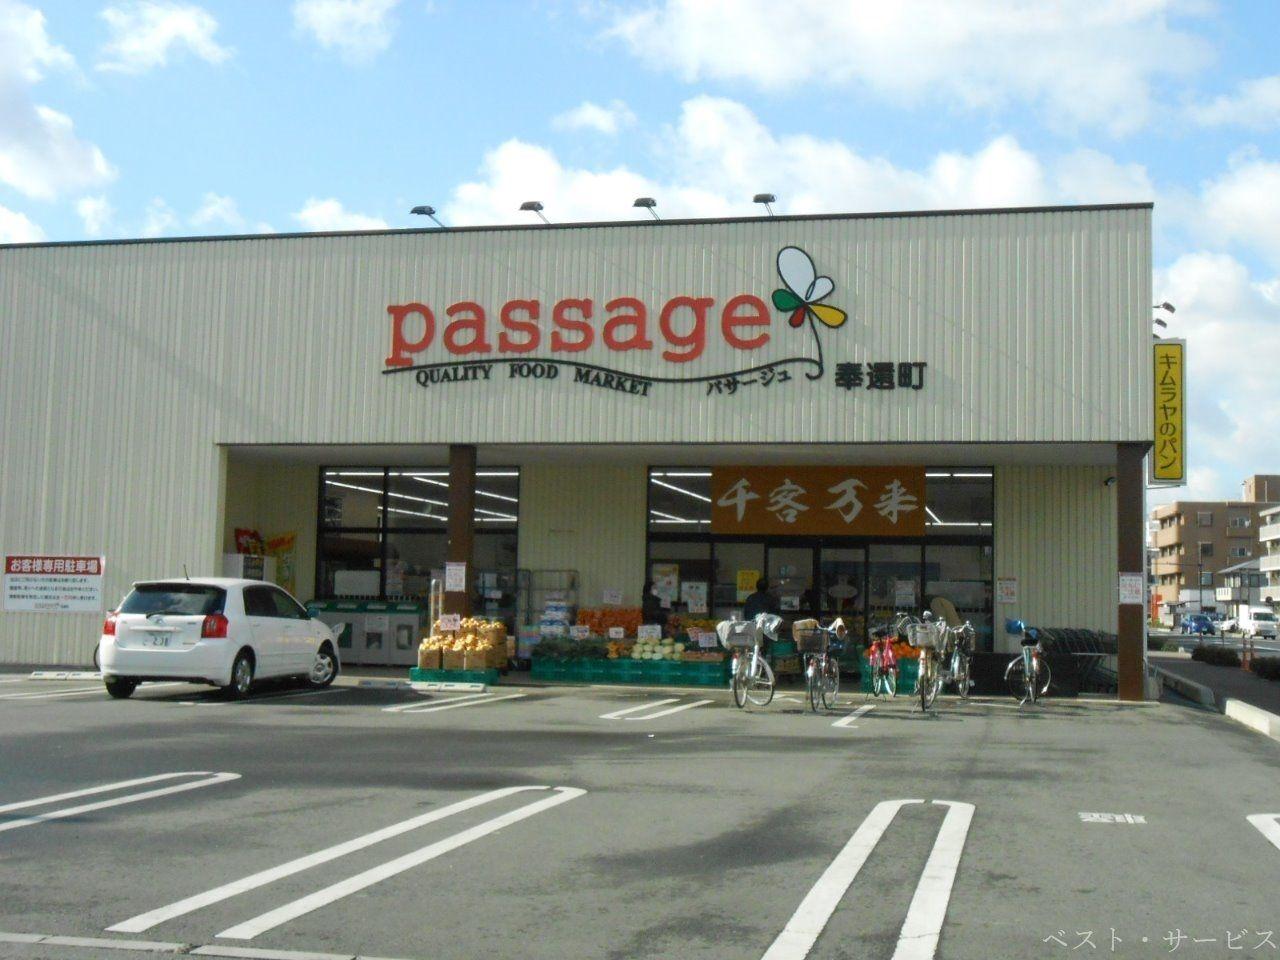 スーパーマーケット「パサージュ奉還町」